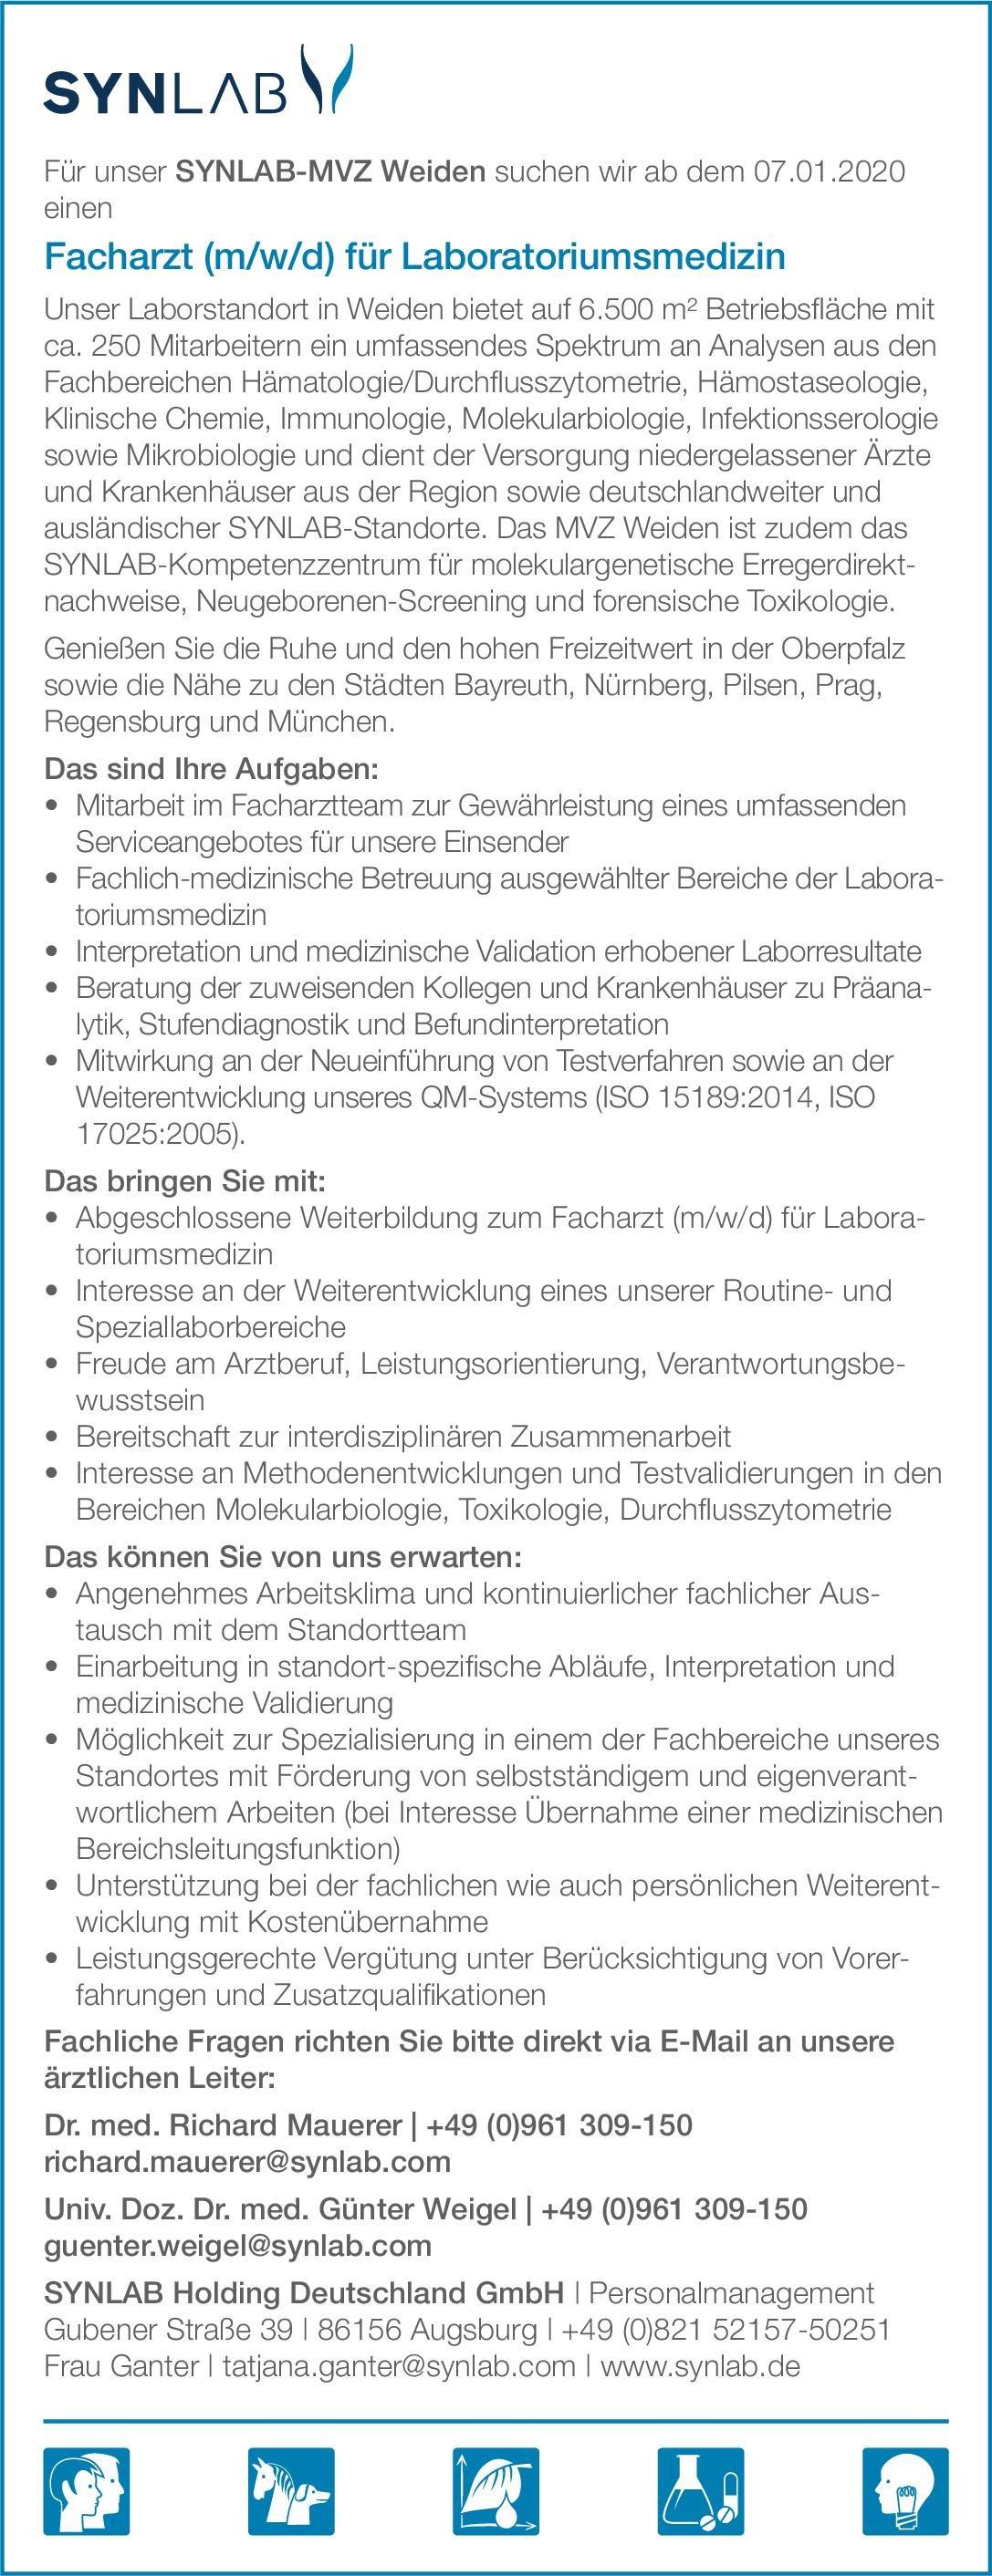 SYNLAB Holding Deutschland GmbH Facharzt (m/w/d) für Laboratoriumsmedizin Laboratoriumsmedizin Arzt / Facharzt